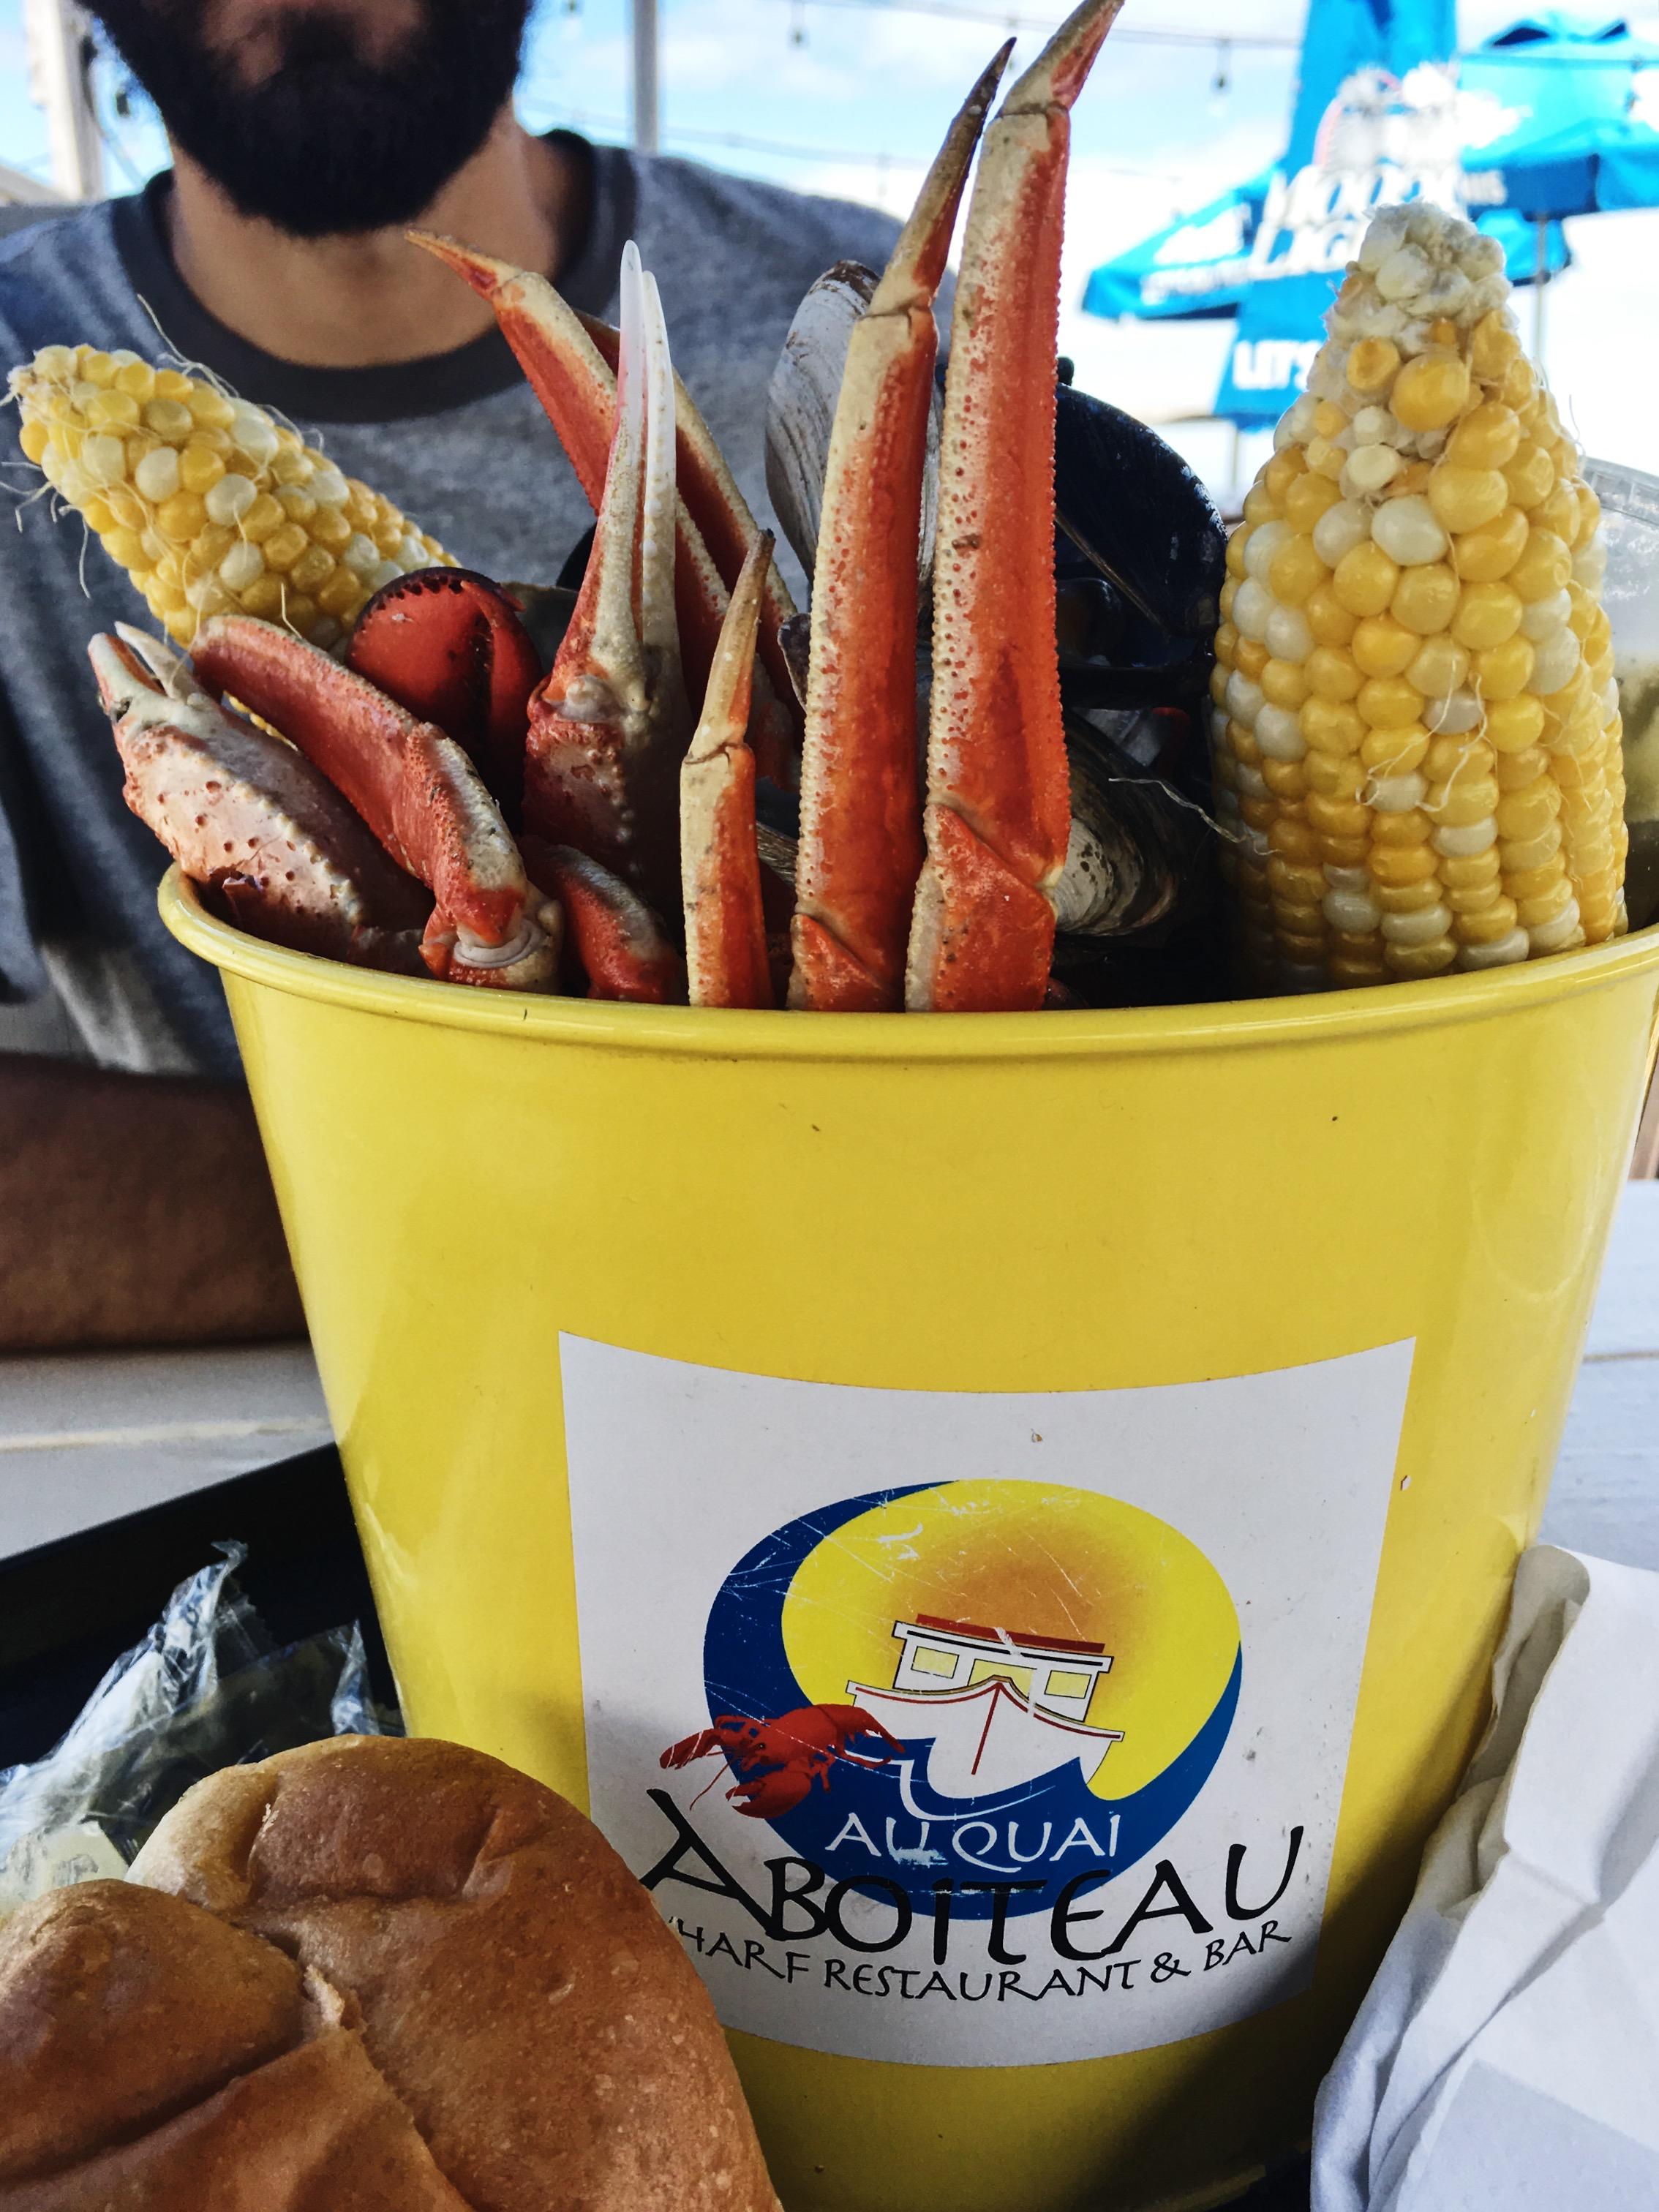 quai-aboiteau-shellfish-bucket-new-brunswick-1